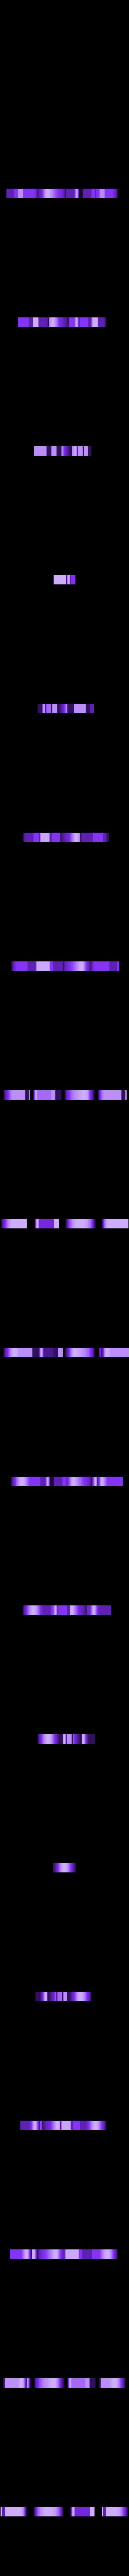 texte_Bond.STL Download free STL file Direct Drive- E3DV6- Bondtech (right)-Bltouch • 3D printer template, kim_razor